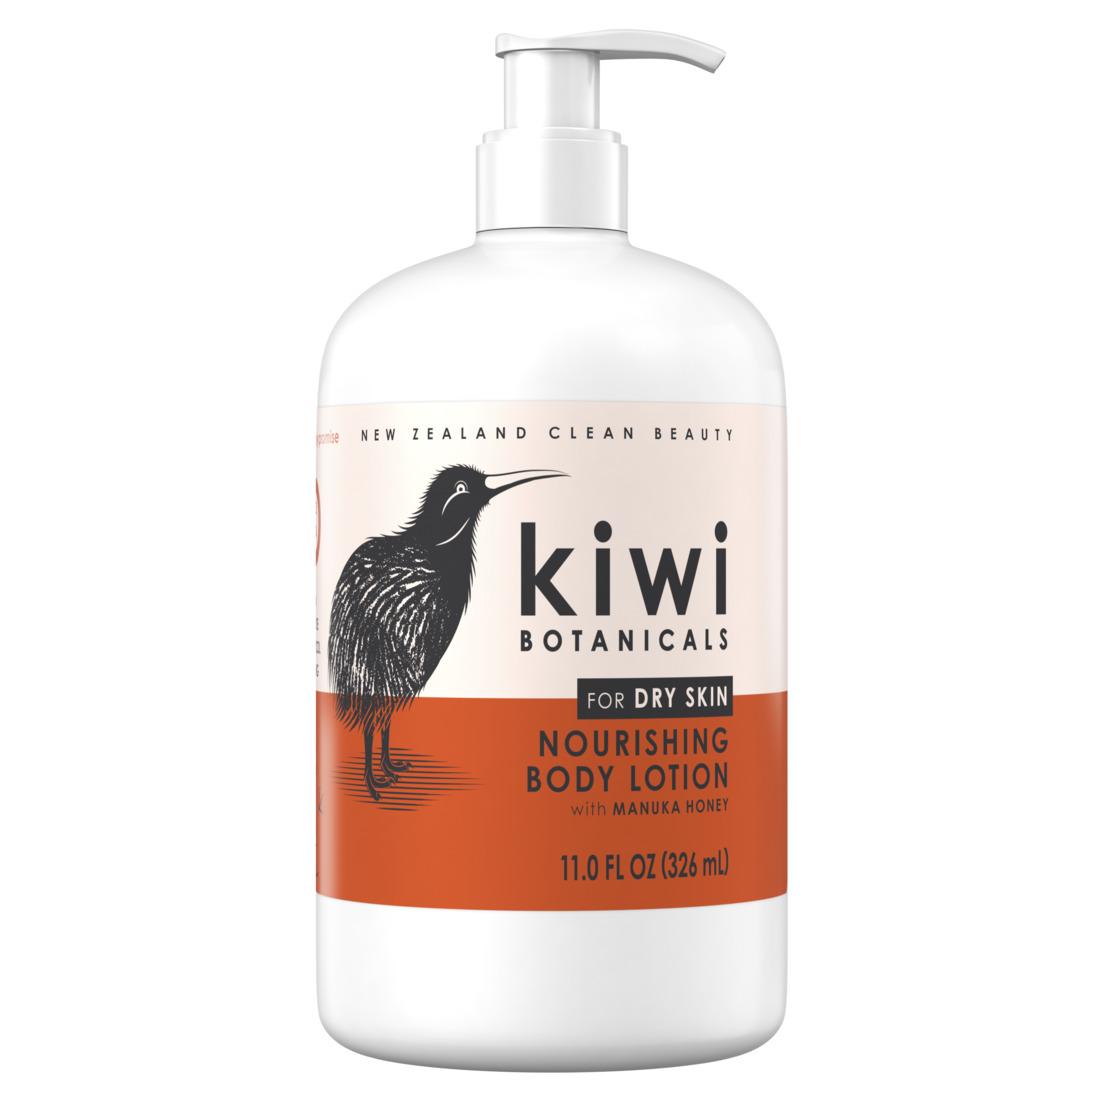 KIWI Botanicals Nourishing Body Lotion with Manuka Honey